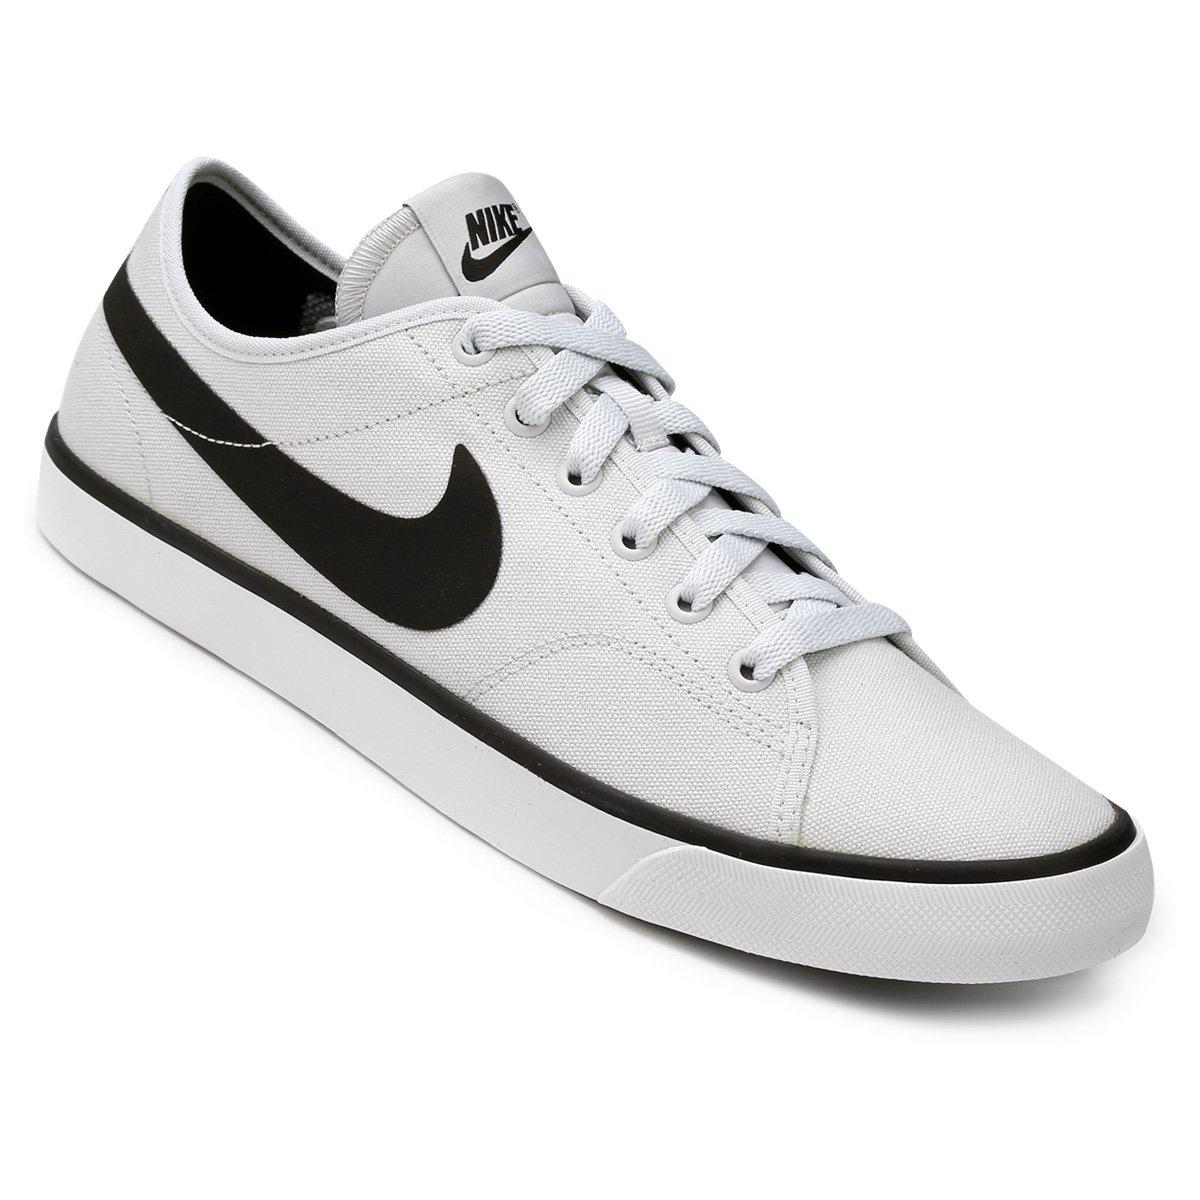 d95af65f187 Tênis Nike Primo Court - Compre Agora